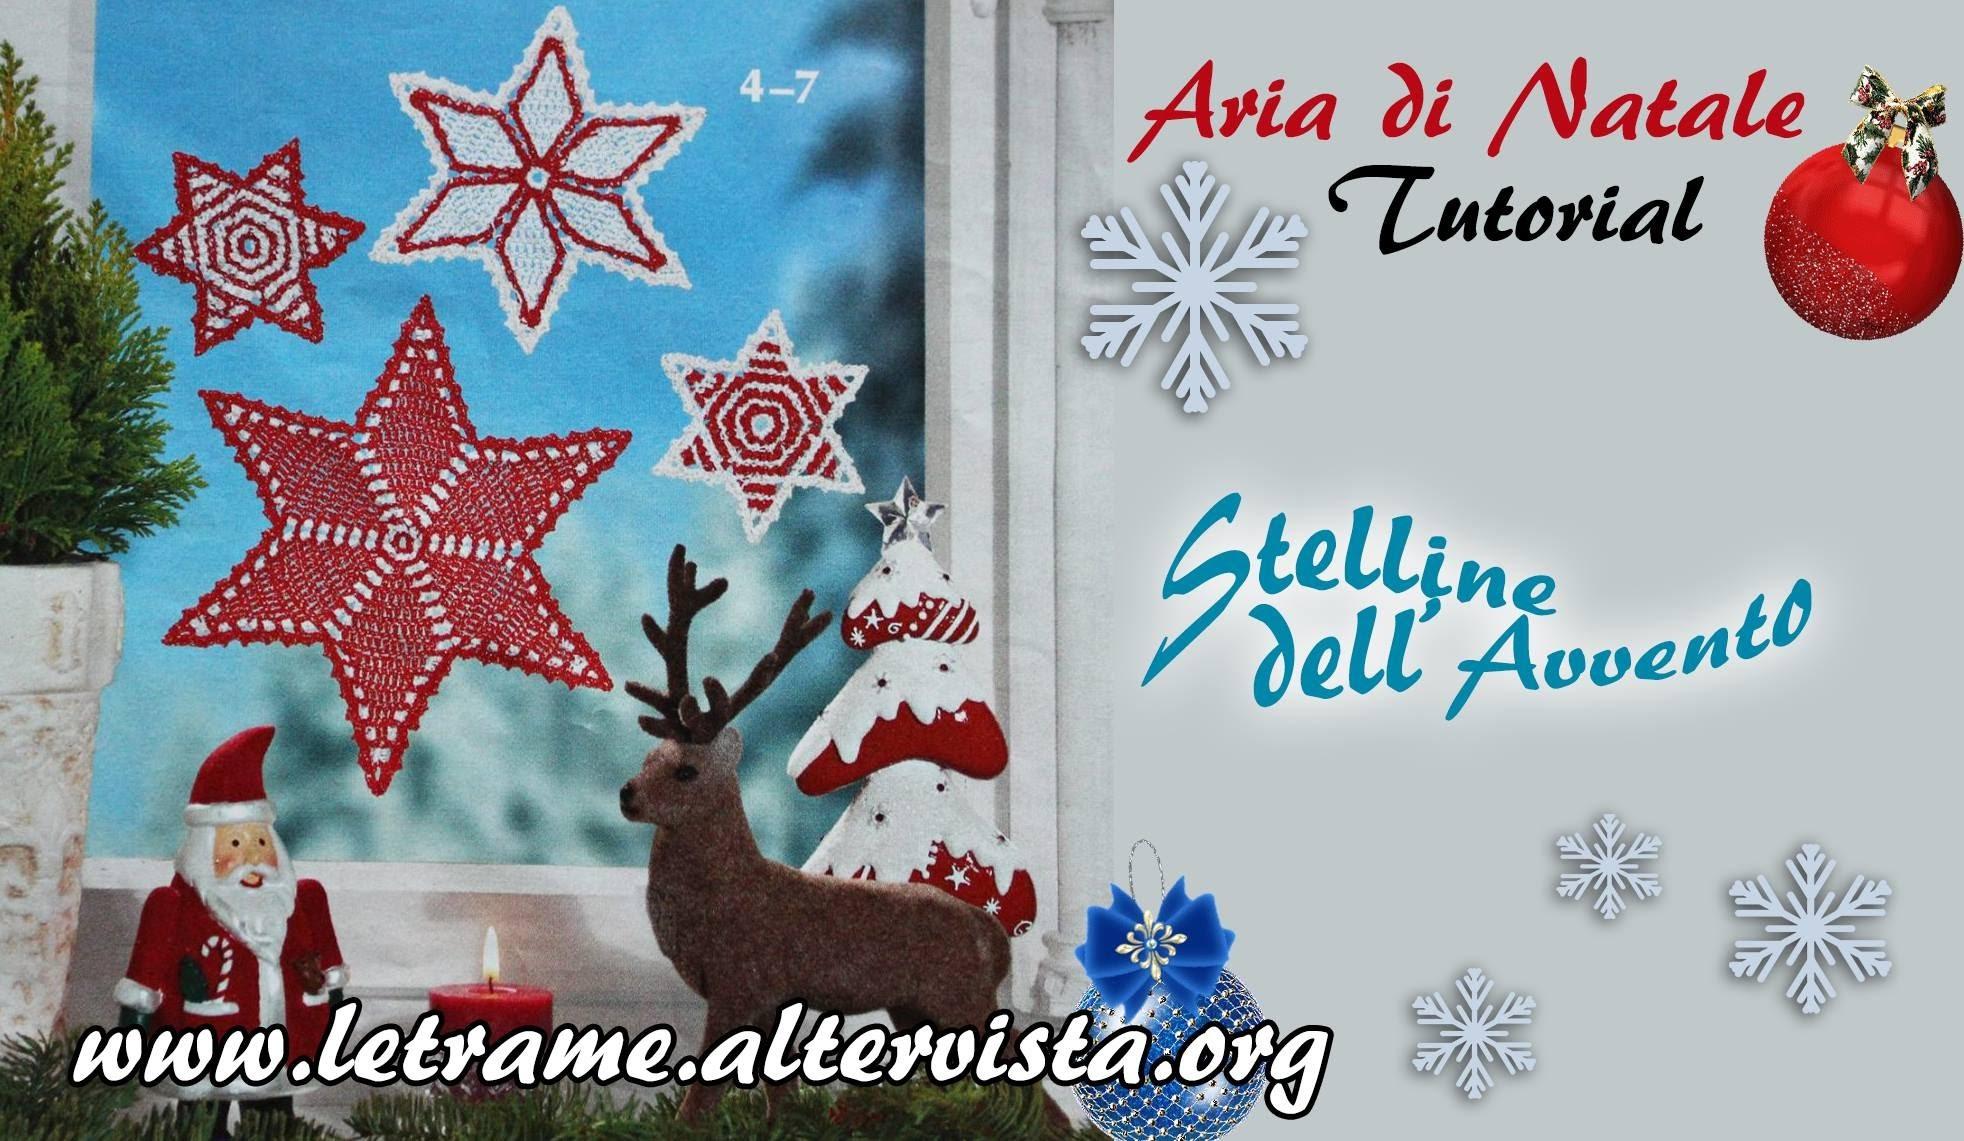 Tutorial Stella natalizia all' uncinetto (crochet) 2.2